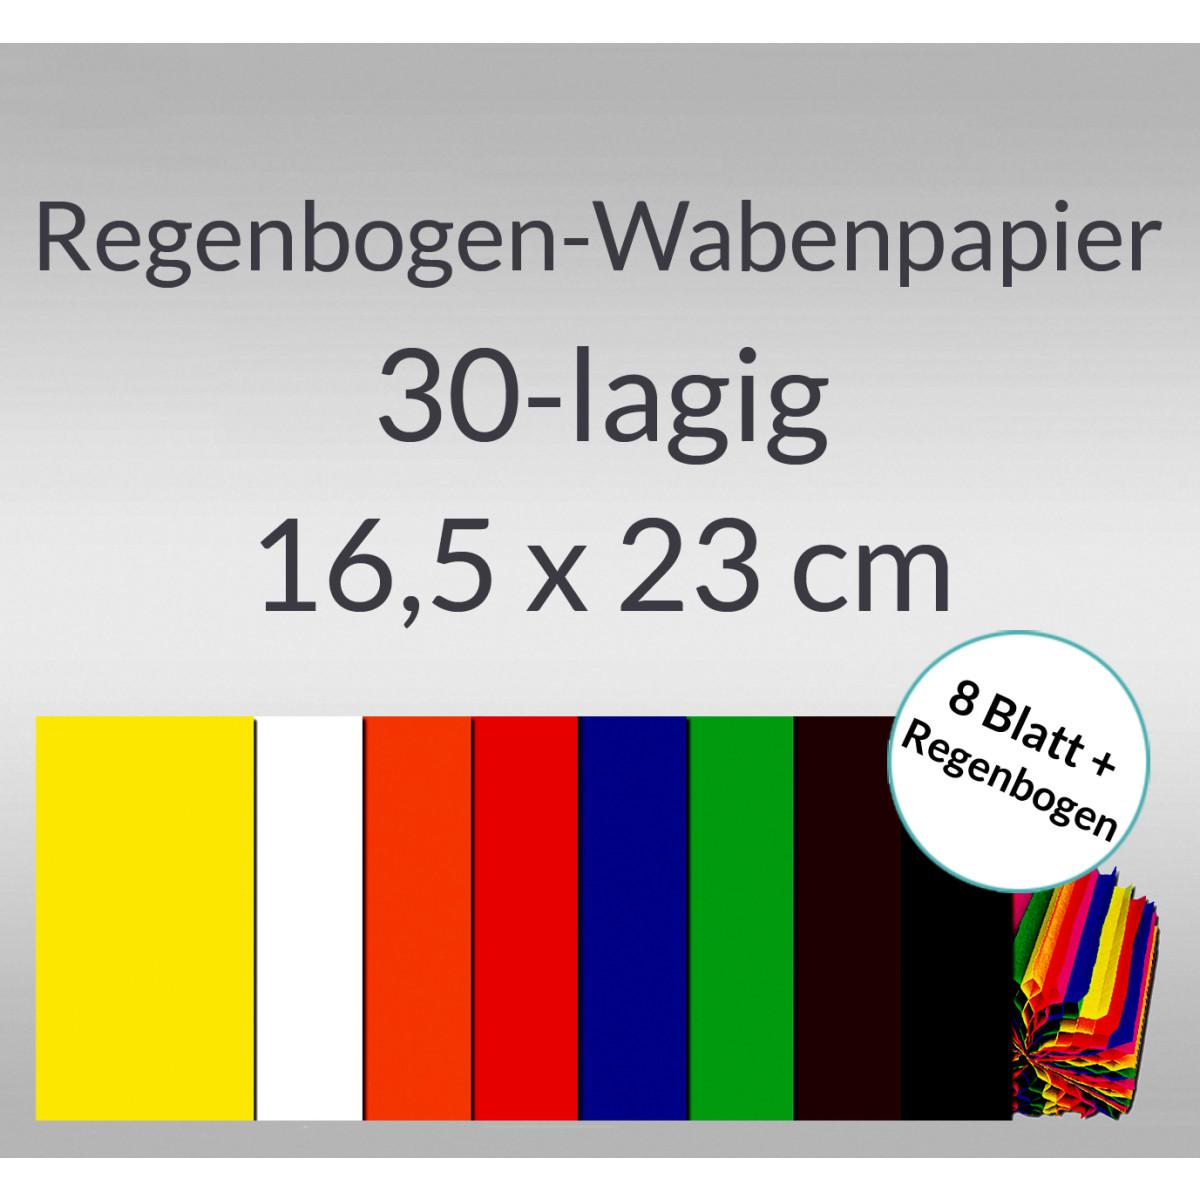 Wabenpapier 16,5 x 23 cm - 10 Blatt in 8 Farben + Regenbogen